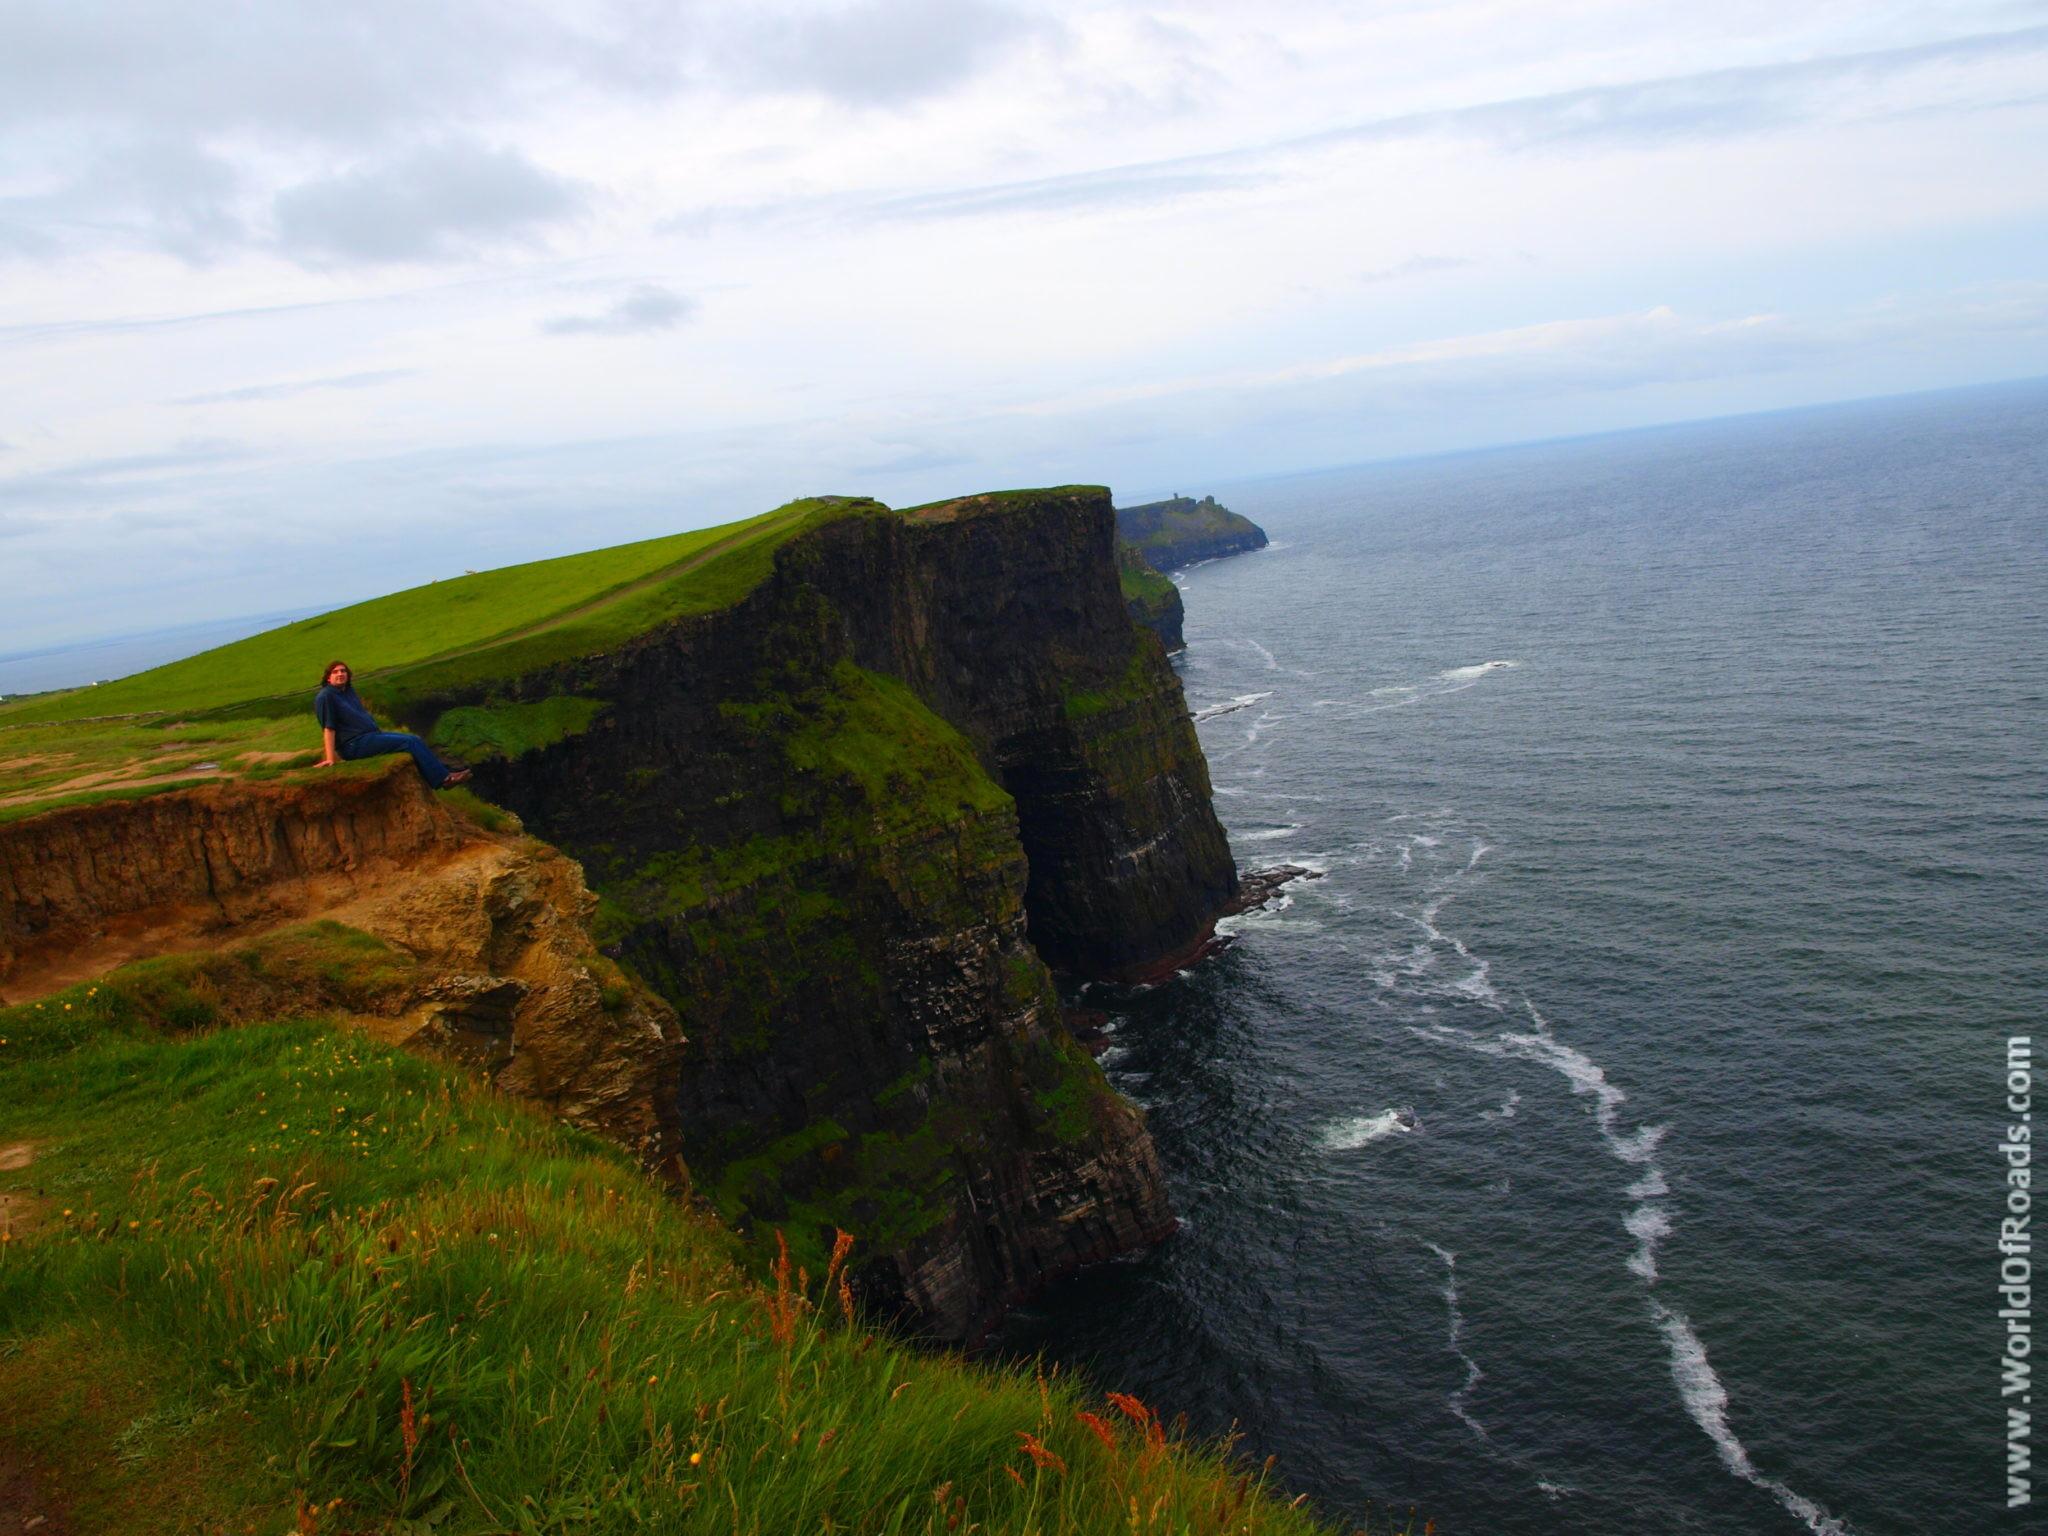 Клифы Мохер. Ирландия.